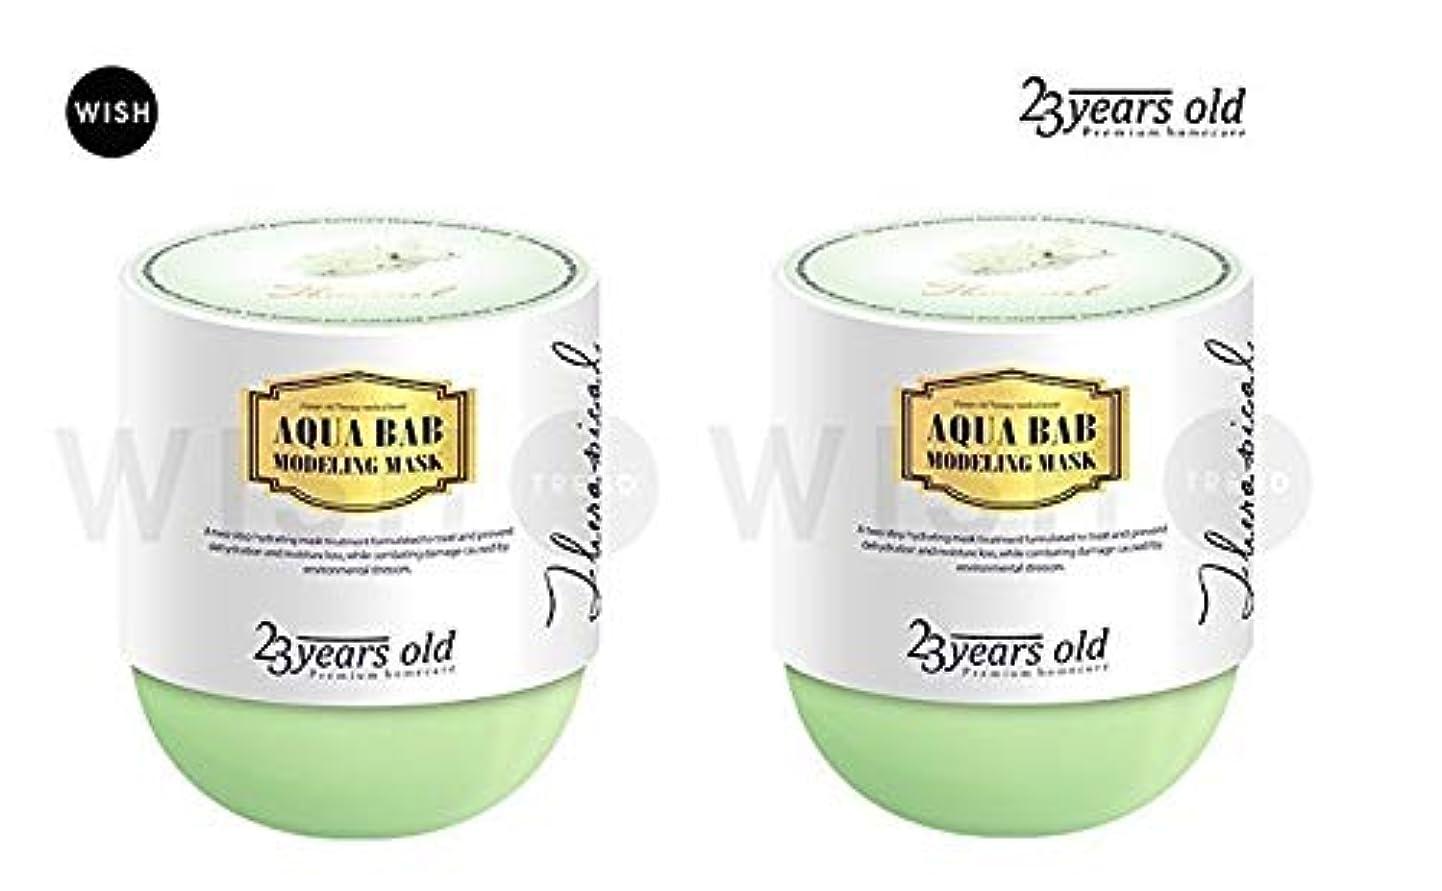 望ましいアイスクリームインフレーション23 Years Old AQUA BAB Modeling Mask アクアバム モデリングマスク (4回分/1セット) 2箱セット